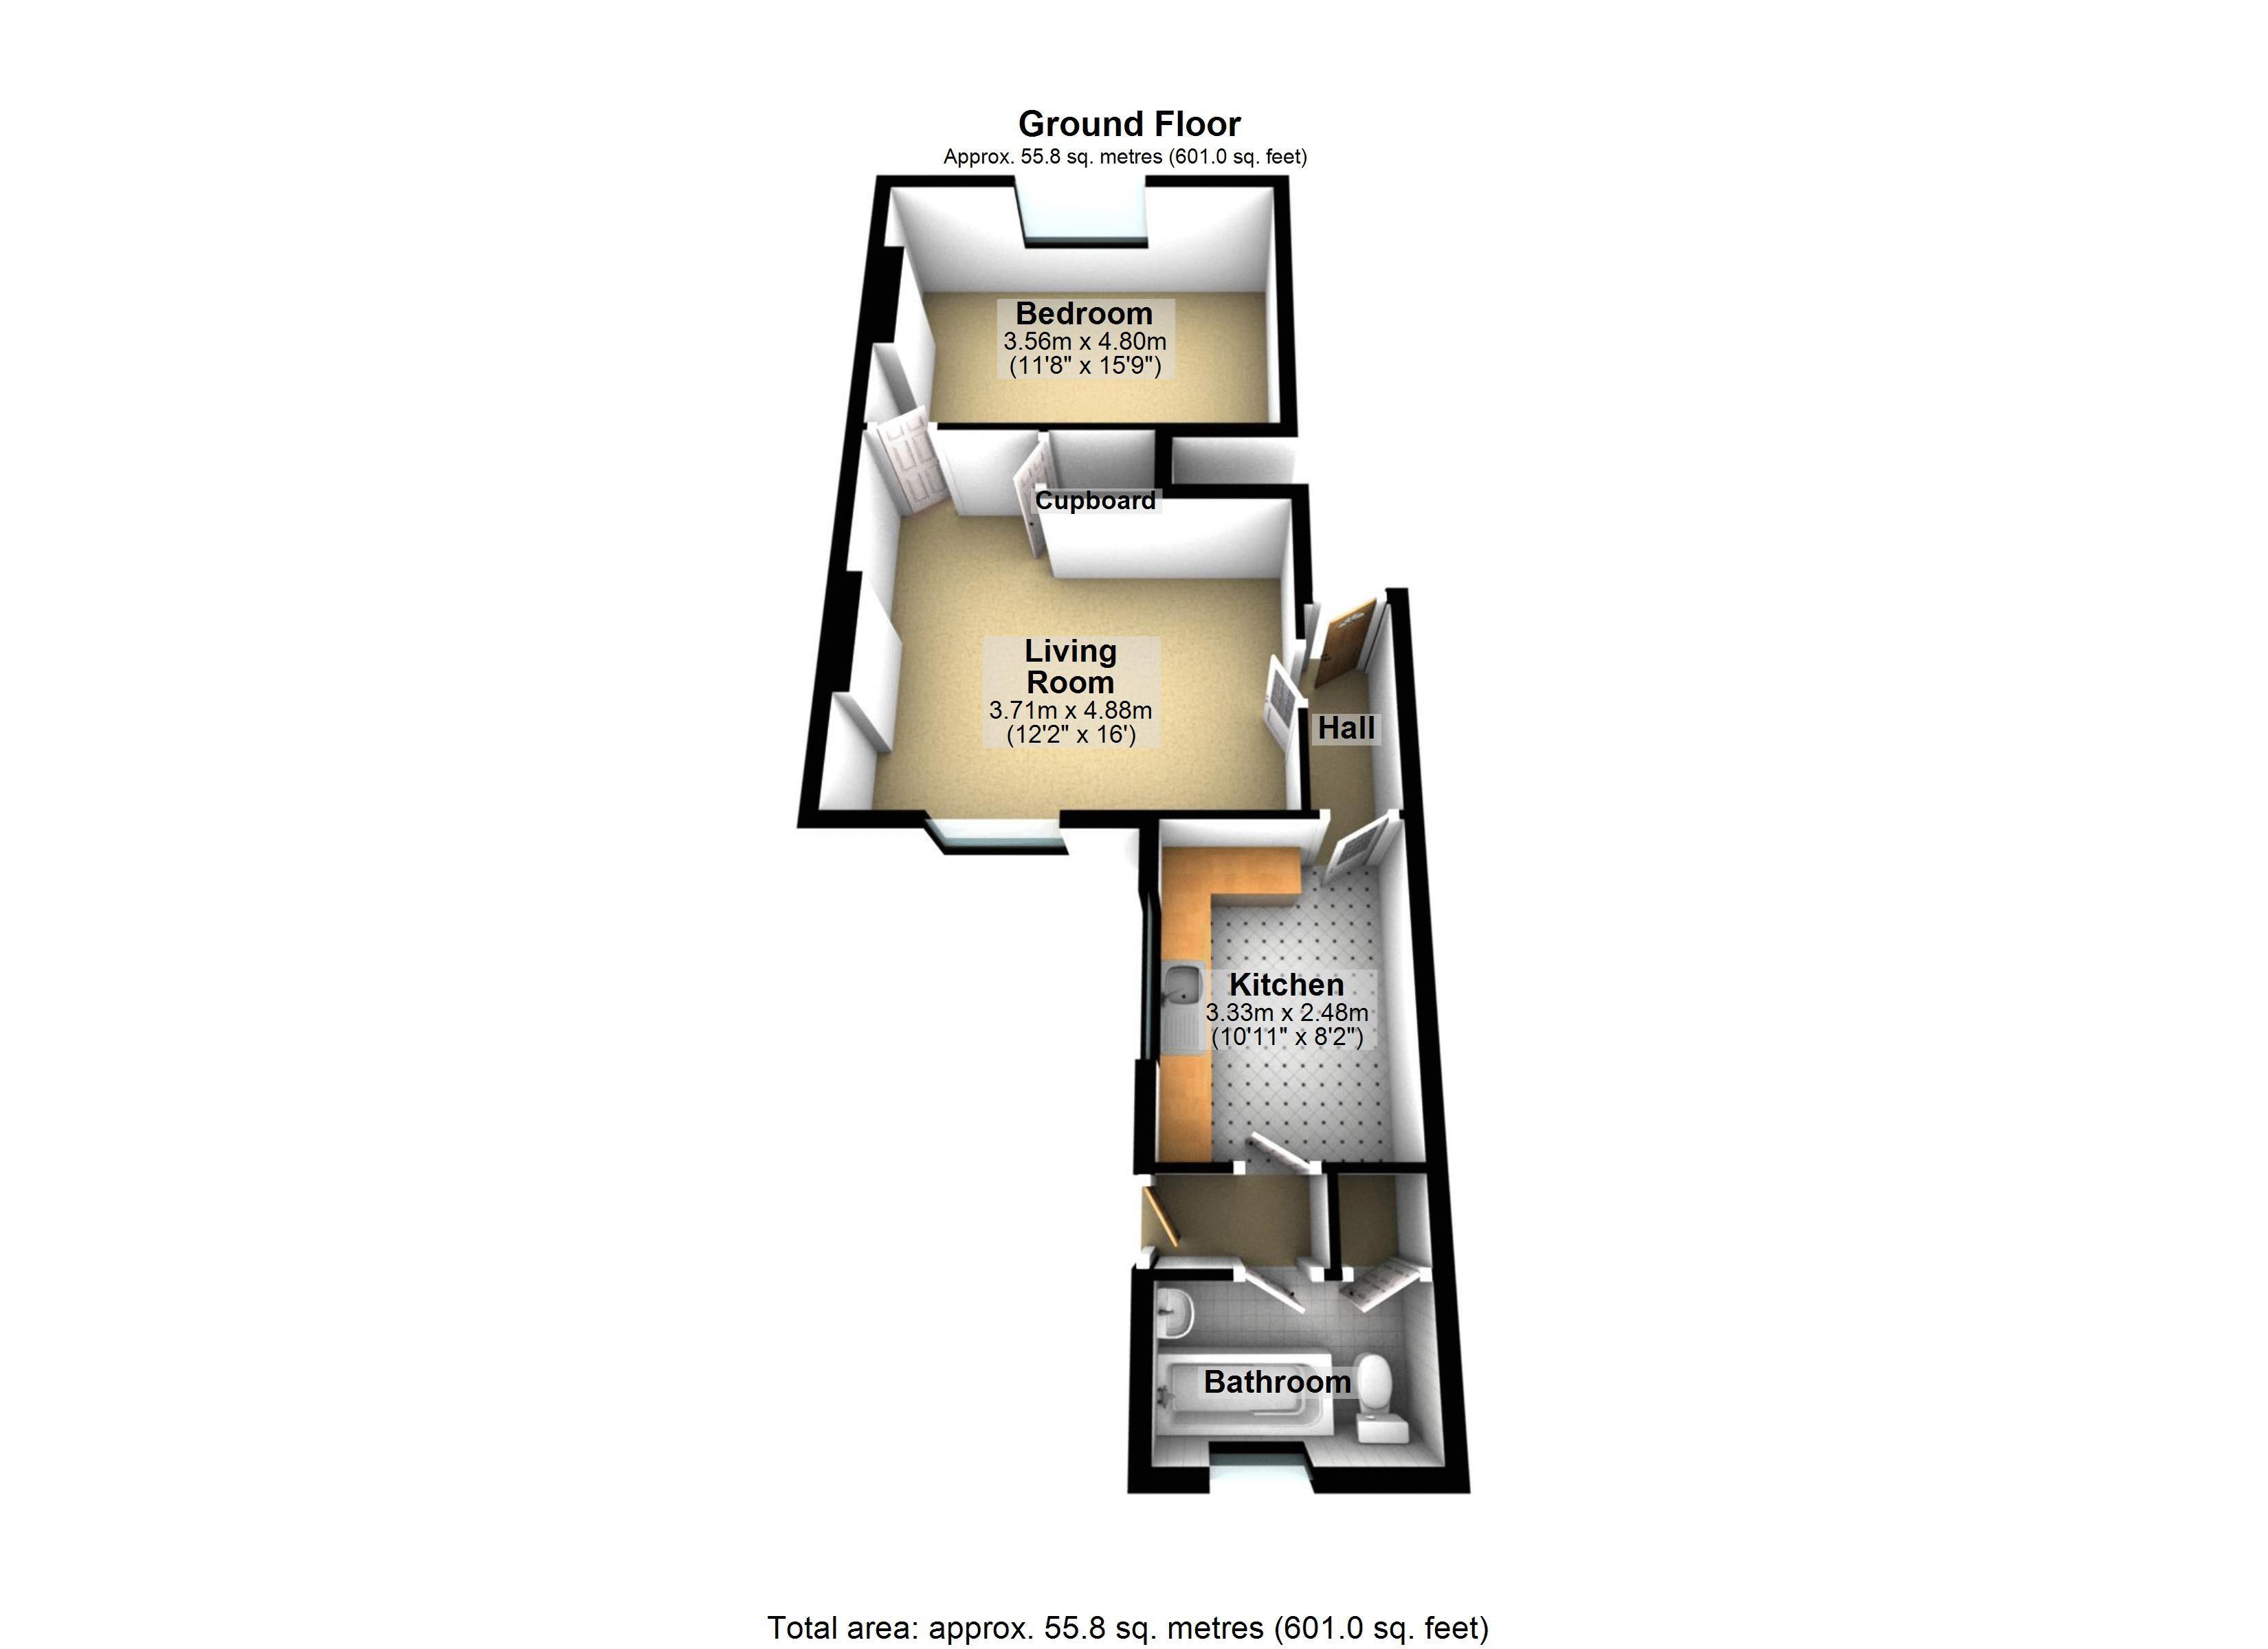 Ground Floor Flat - 3D Floor Plan